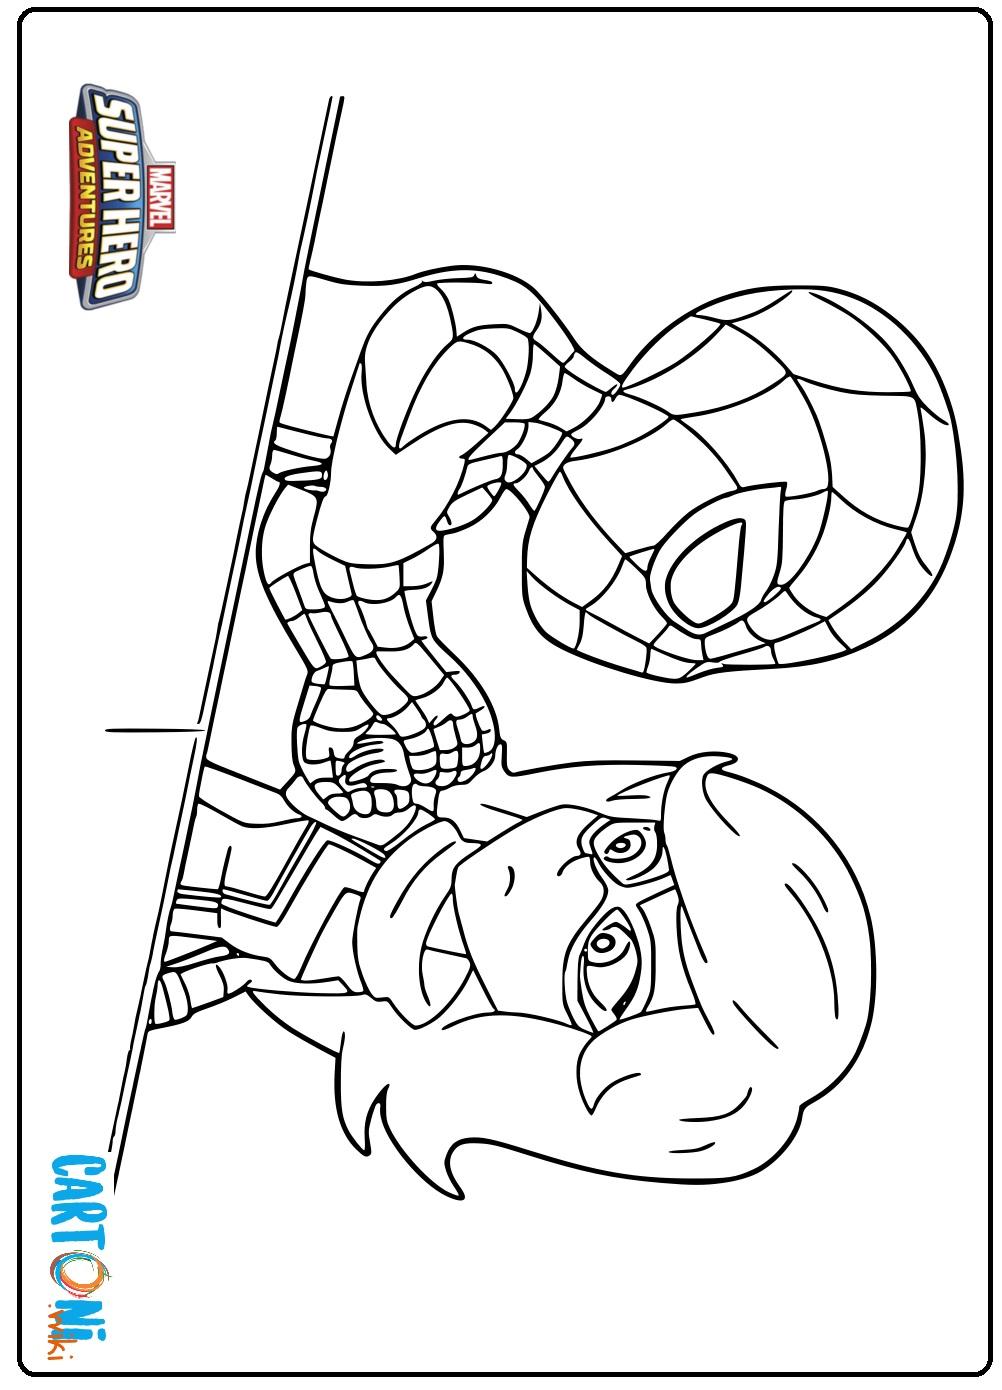 Disegno Spiderman e Miss Marvel  - Disegni da colorare